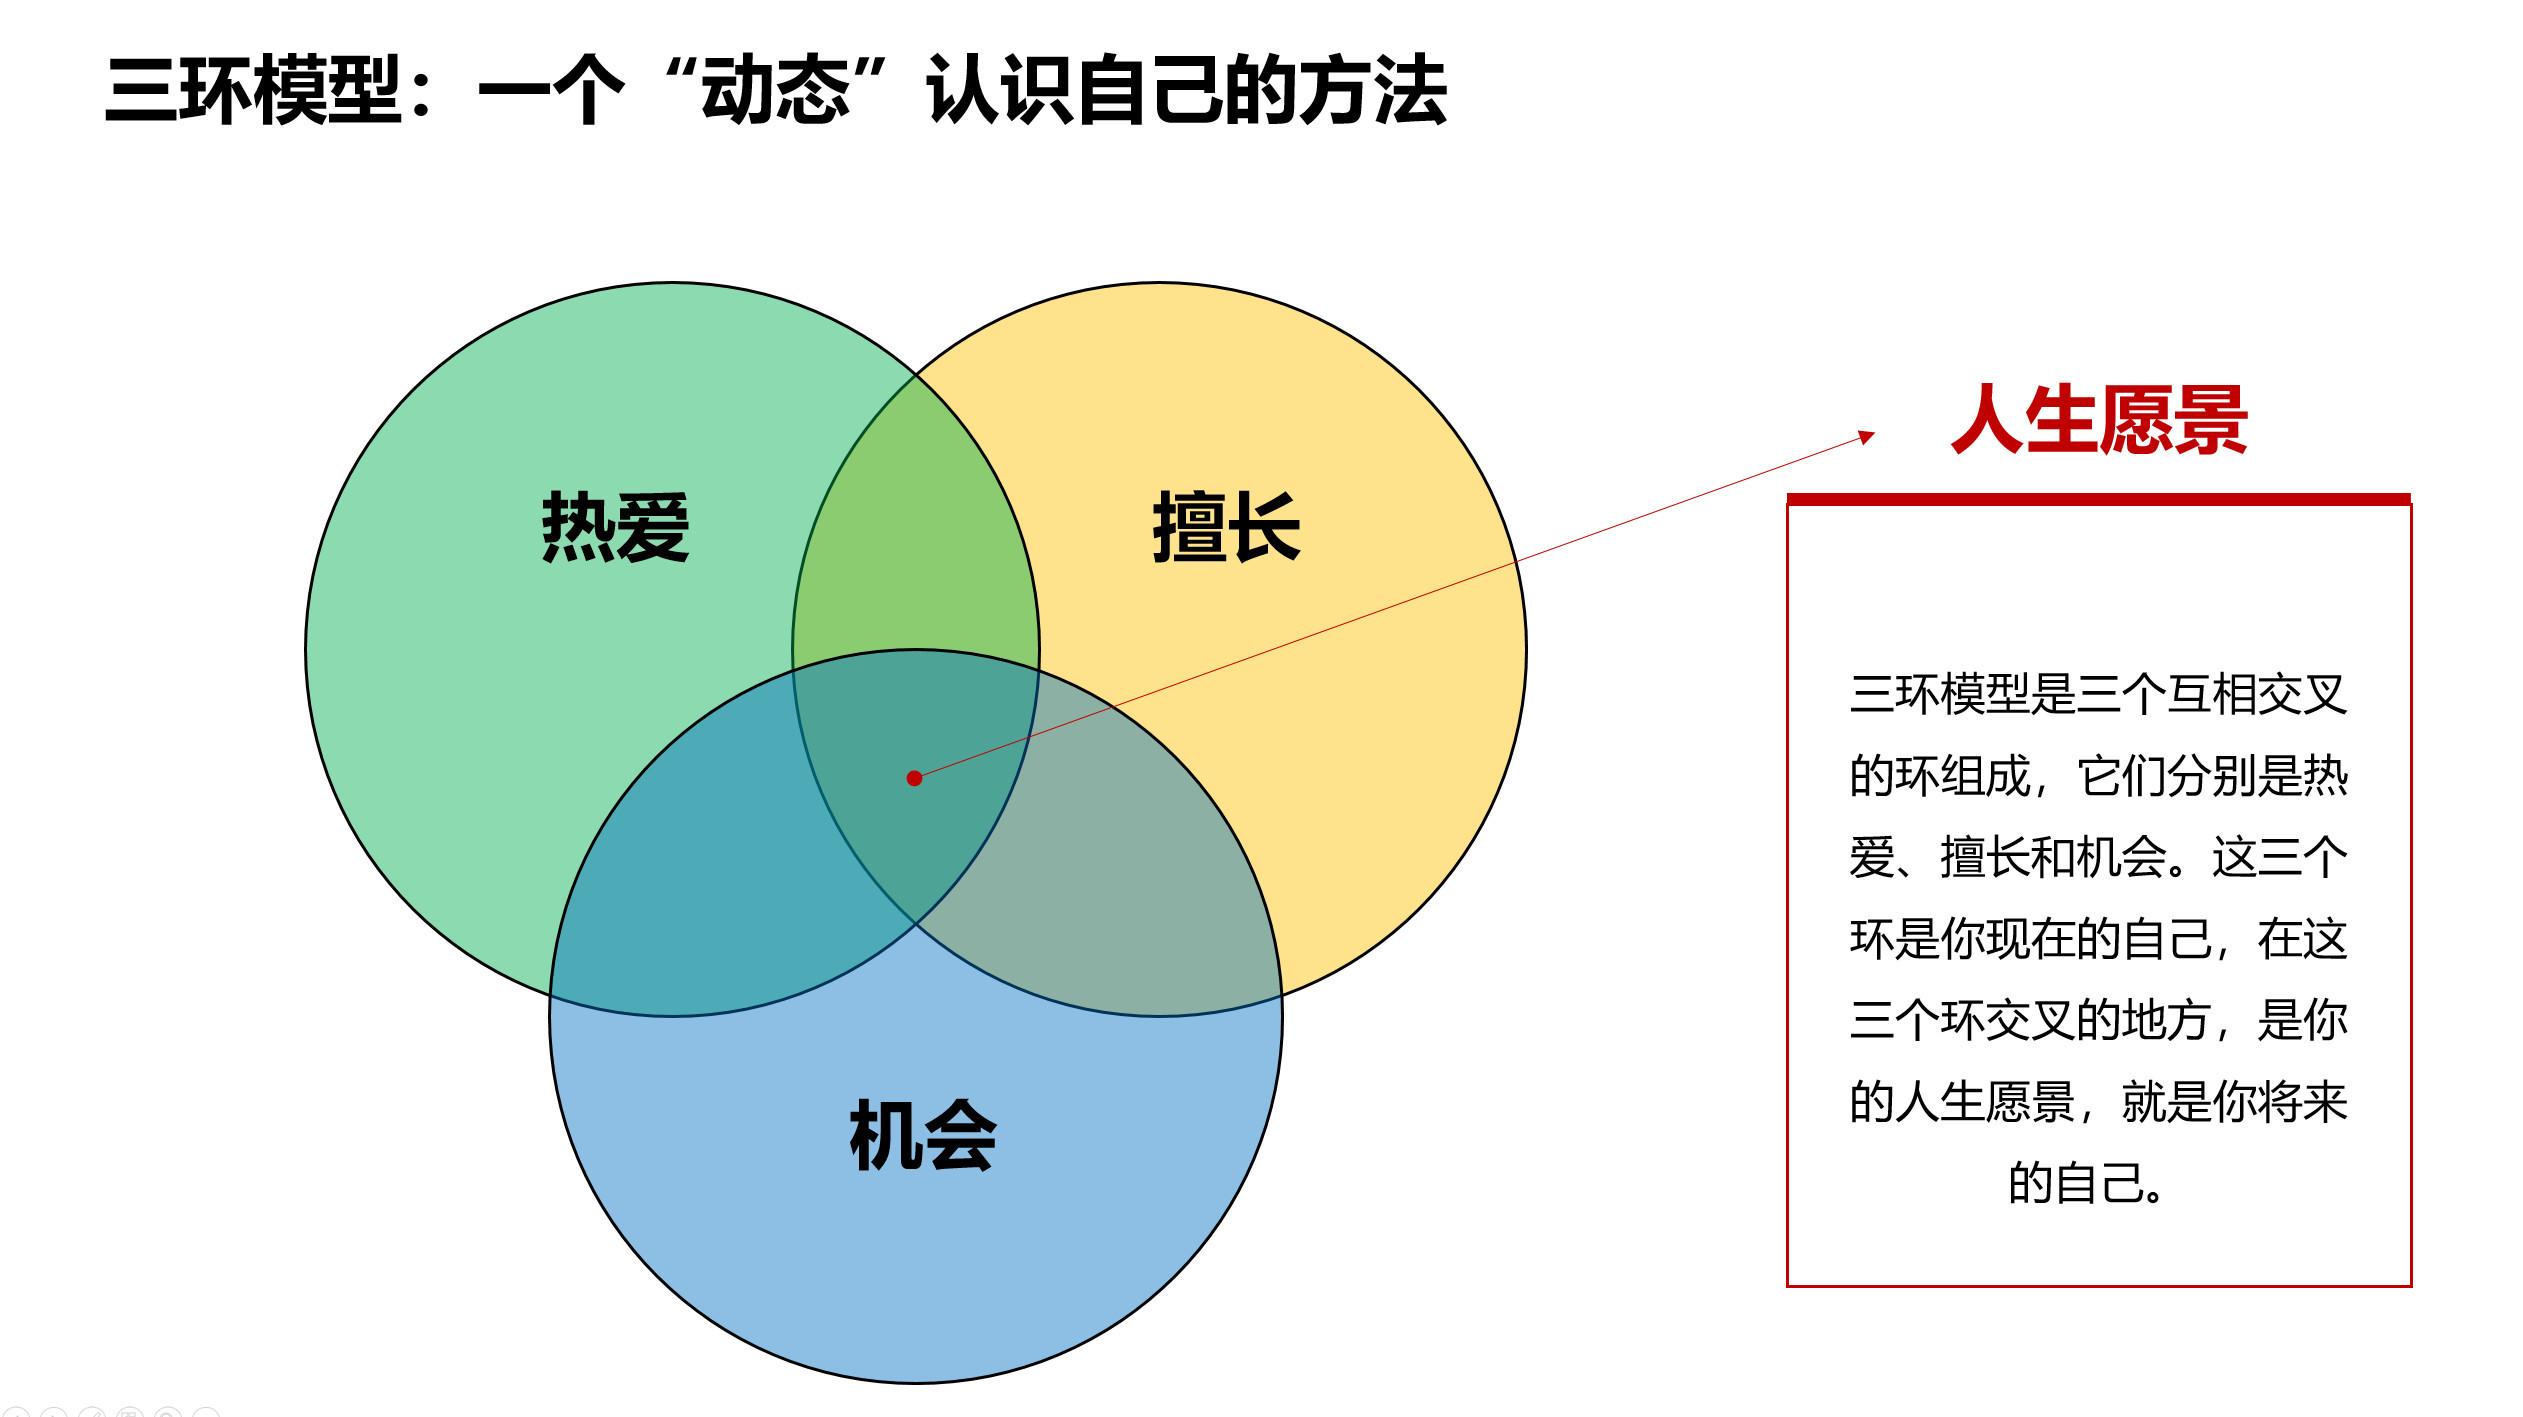 图06:动态认识自己的三环模型 来源:李有龙《保险业生态战略系列培训课程》